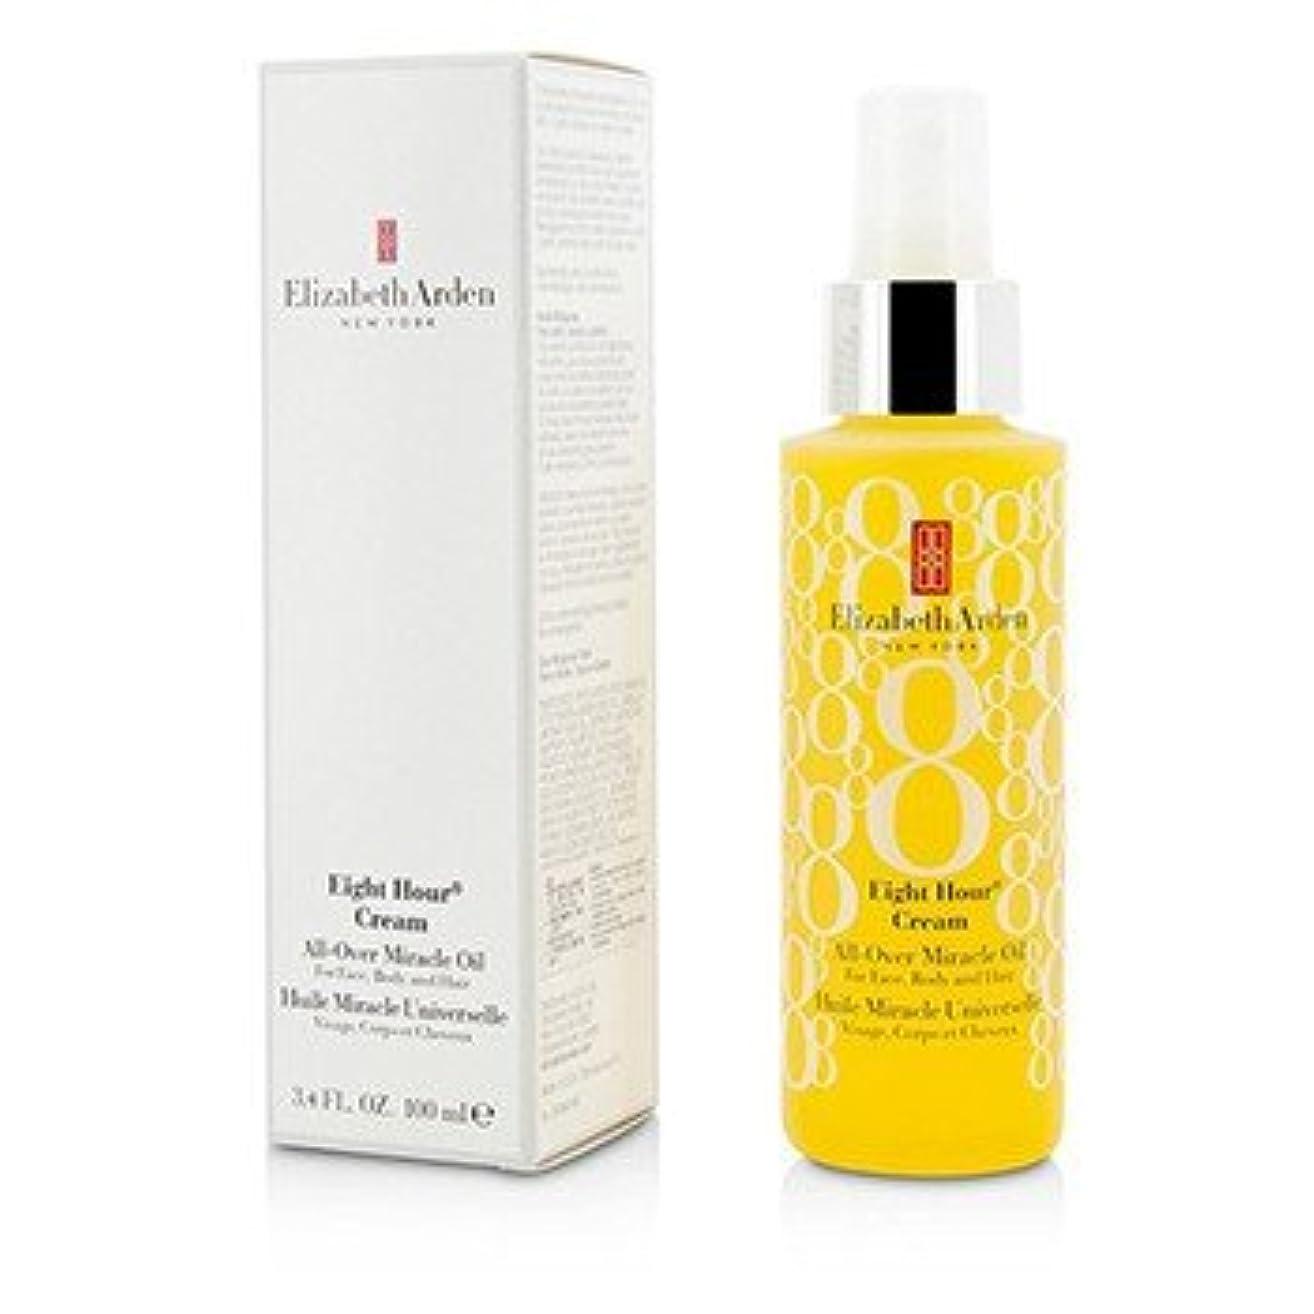 倒錯セマフォ難しい[Elizabeth Arden] Eight Hour Cream All-Over Miracle Oil - For Face Body & Hair